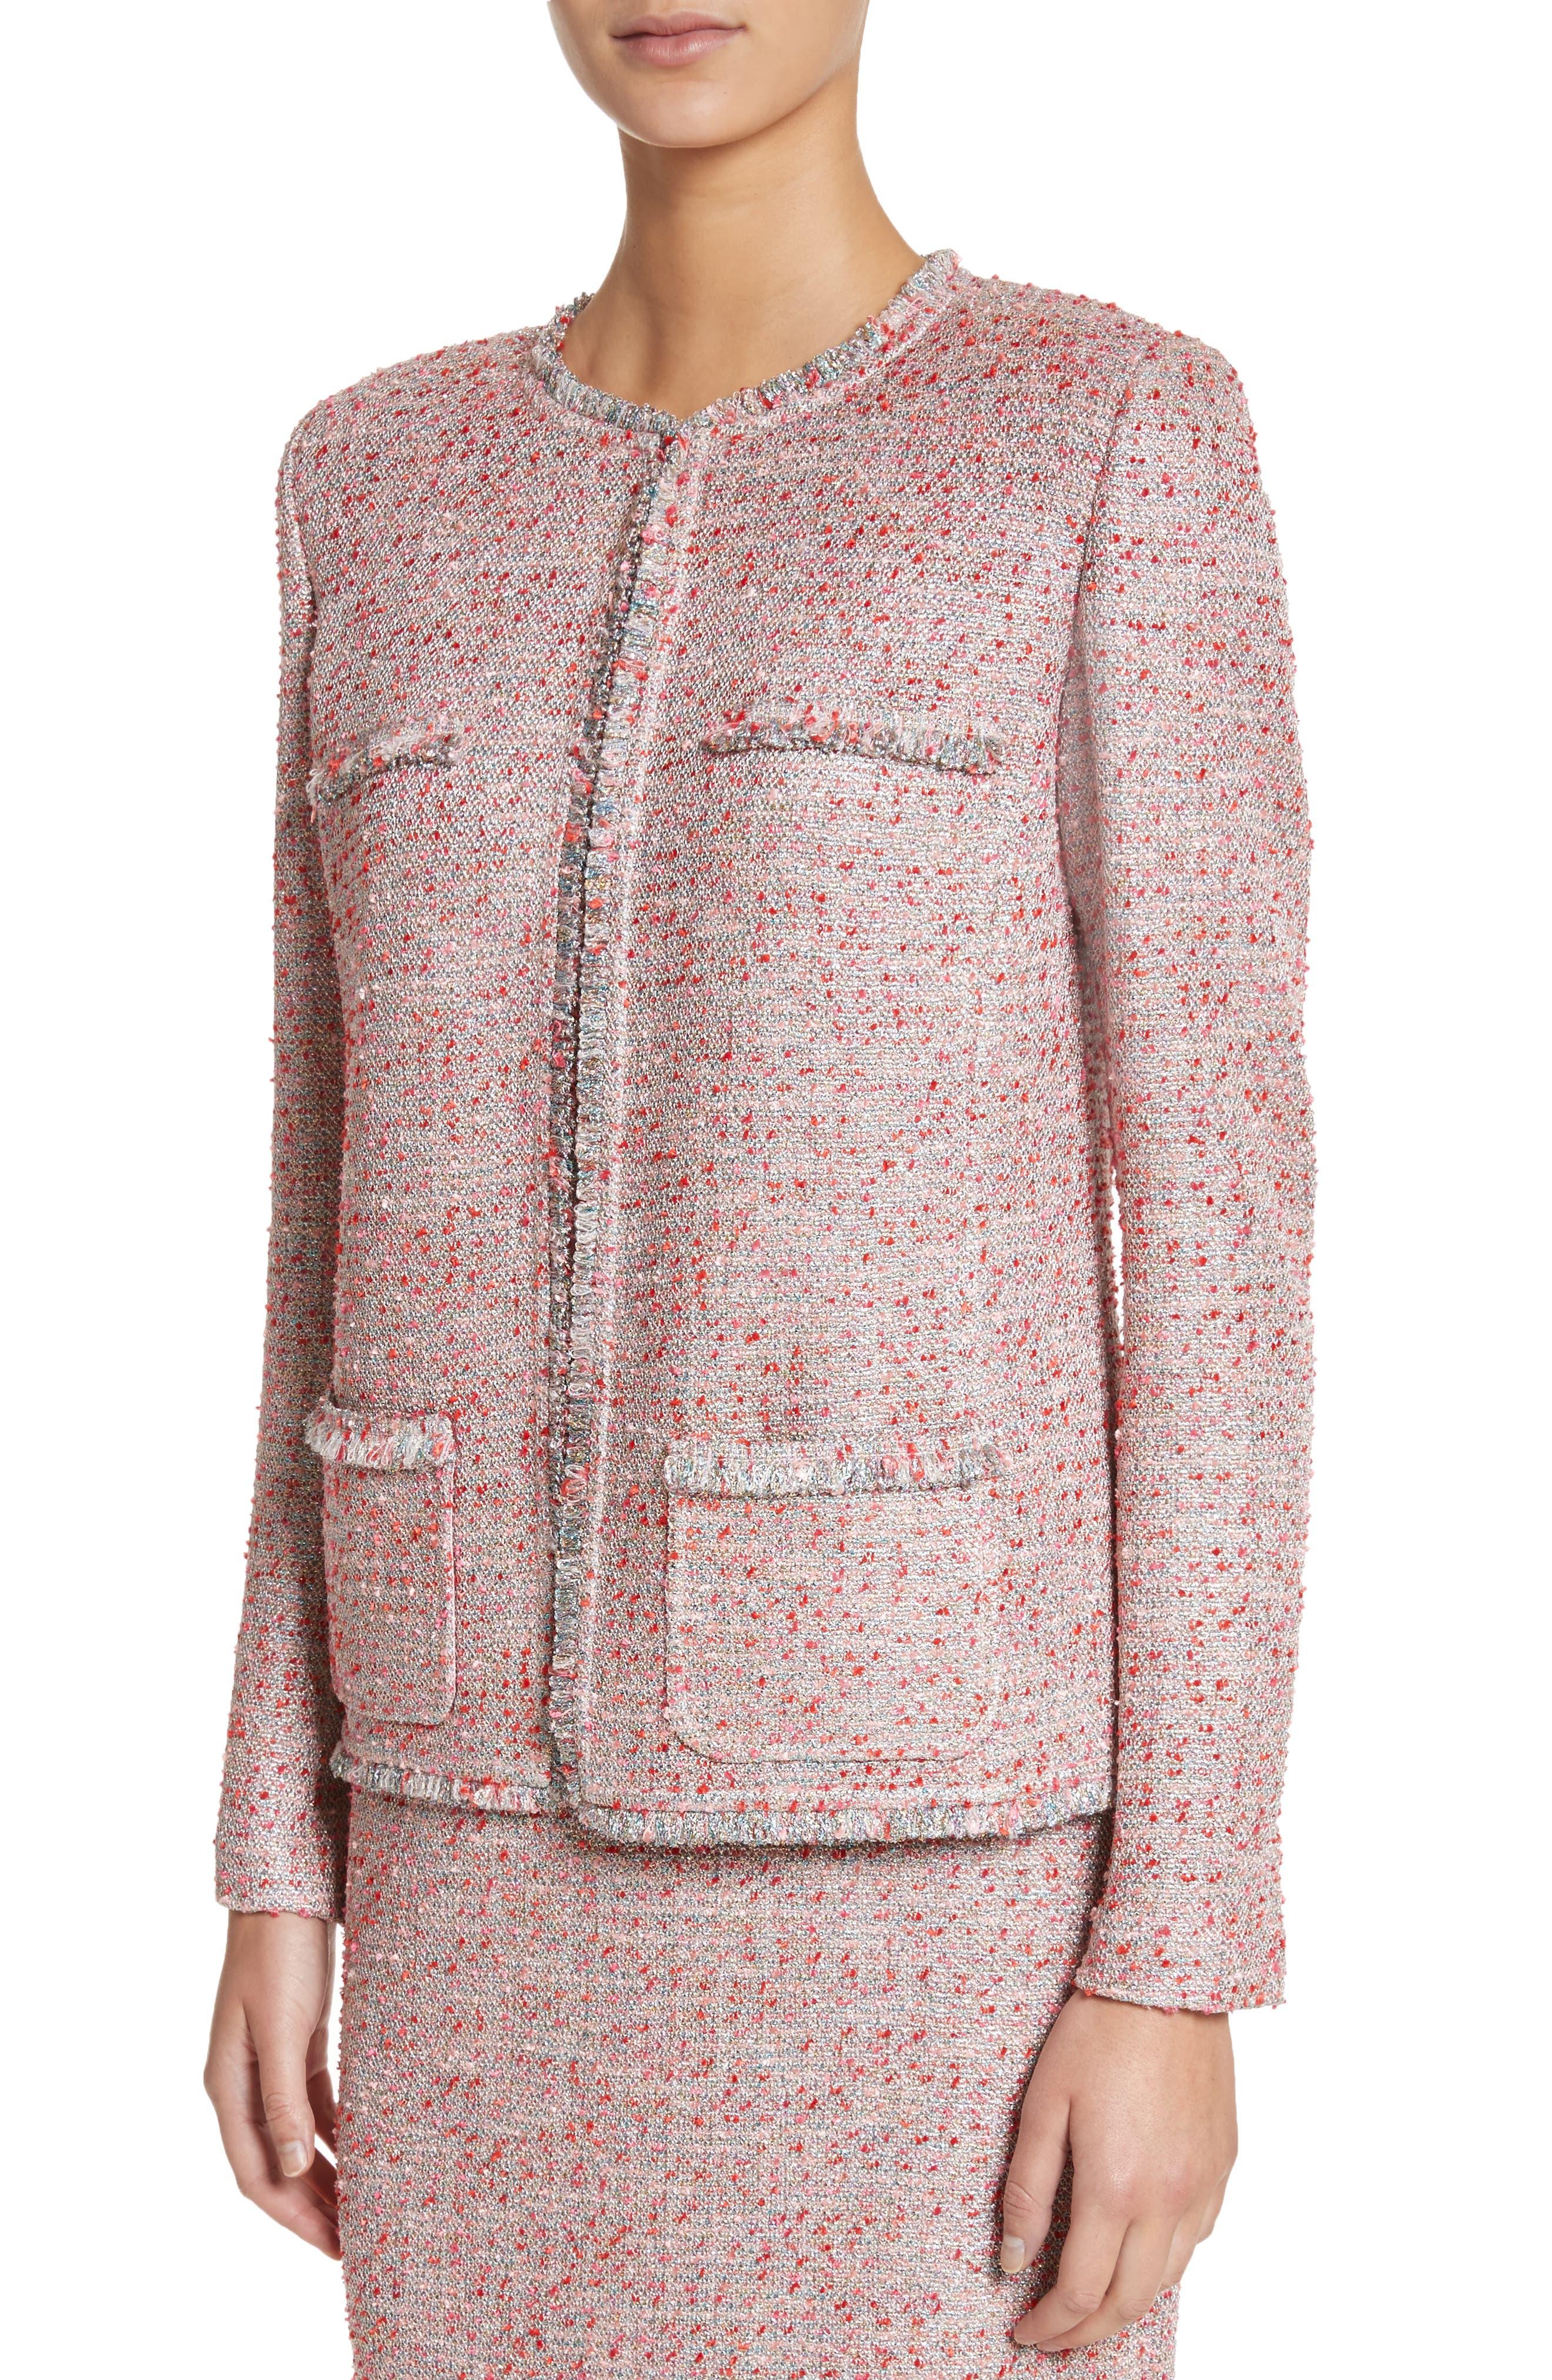 Metallic Tweed Jacket,                             Alternate thumbnail 4, color,                             Rosa Multi